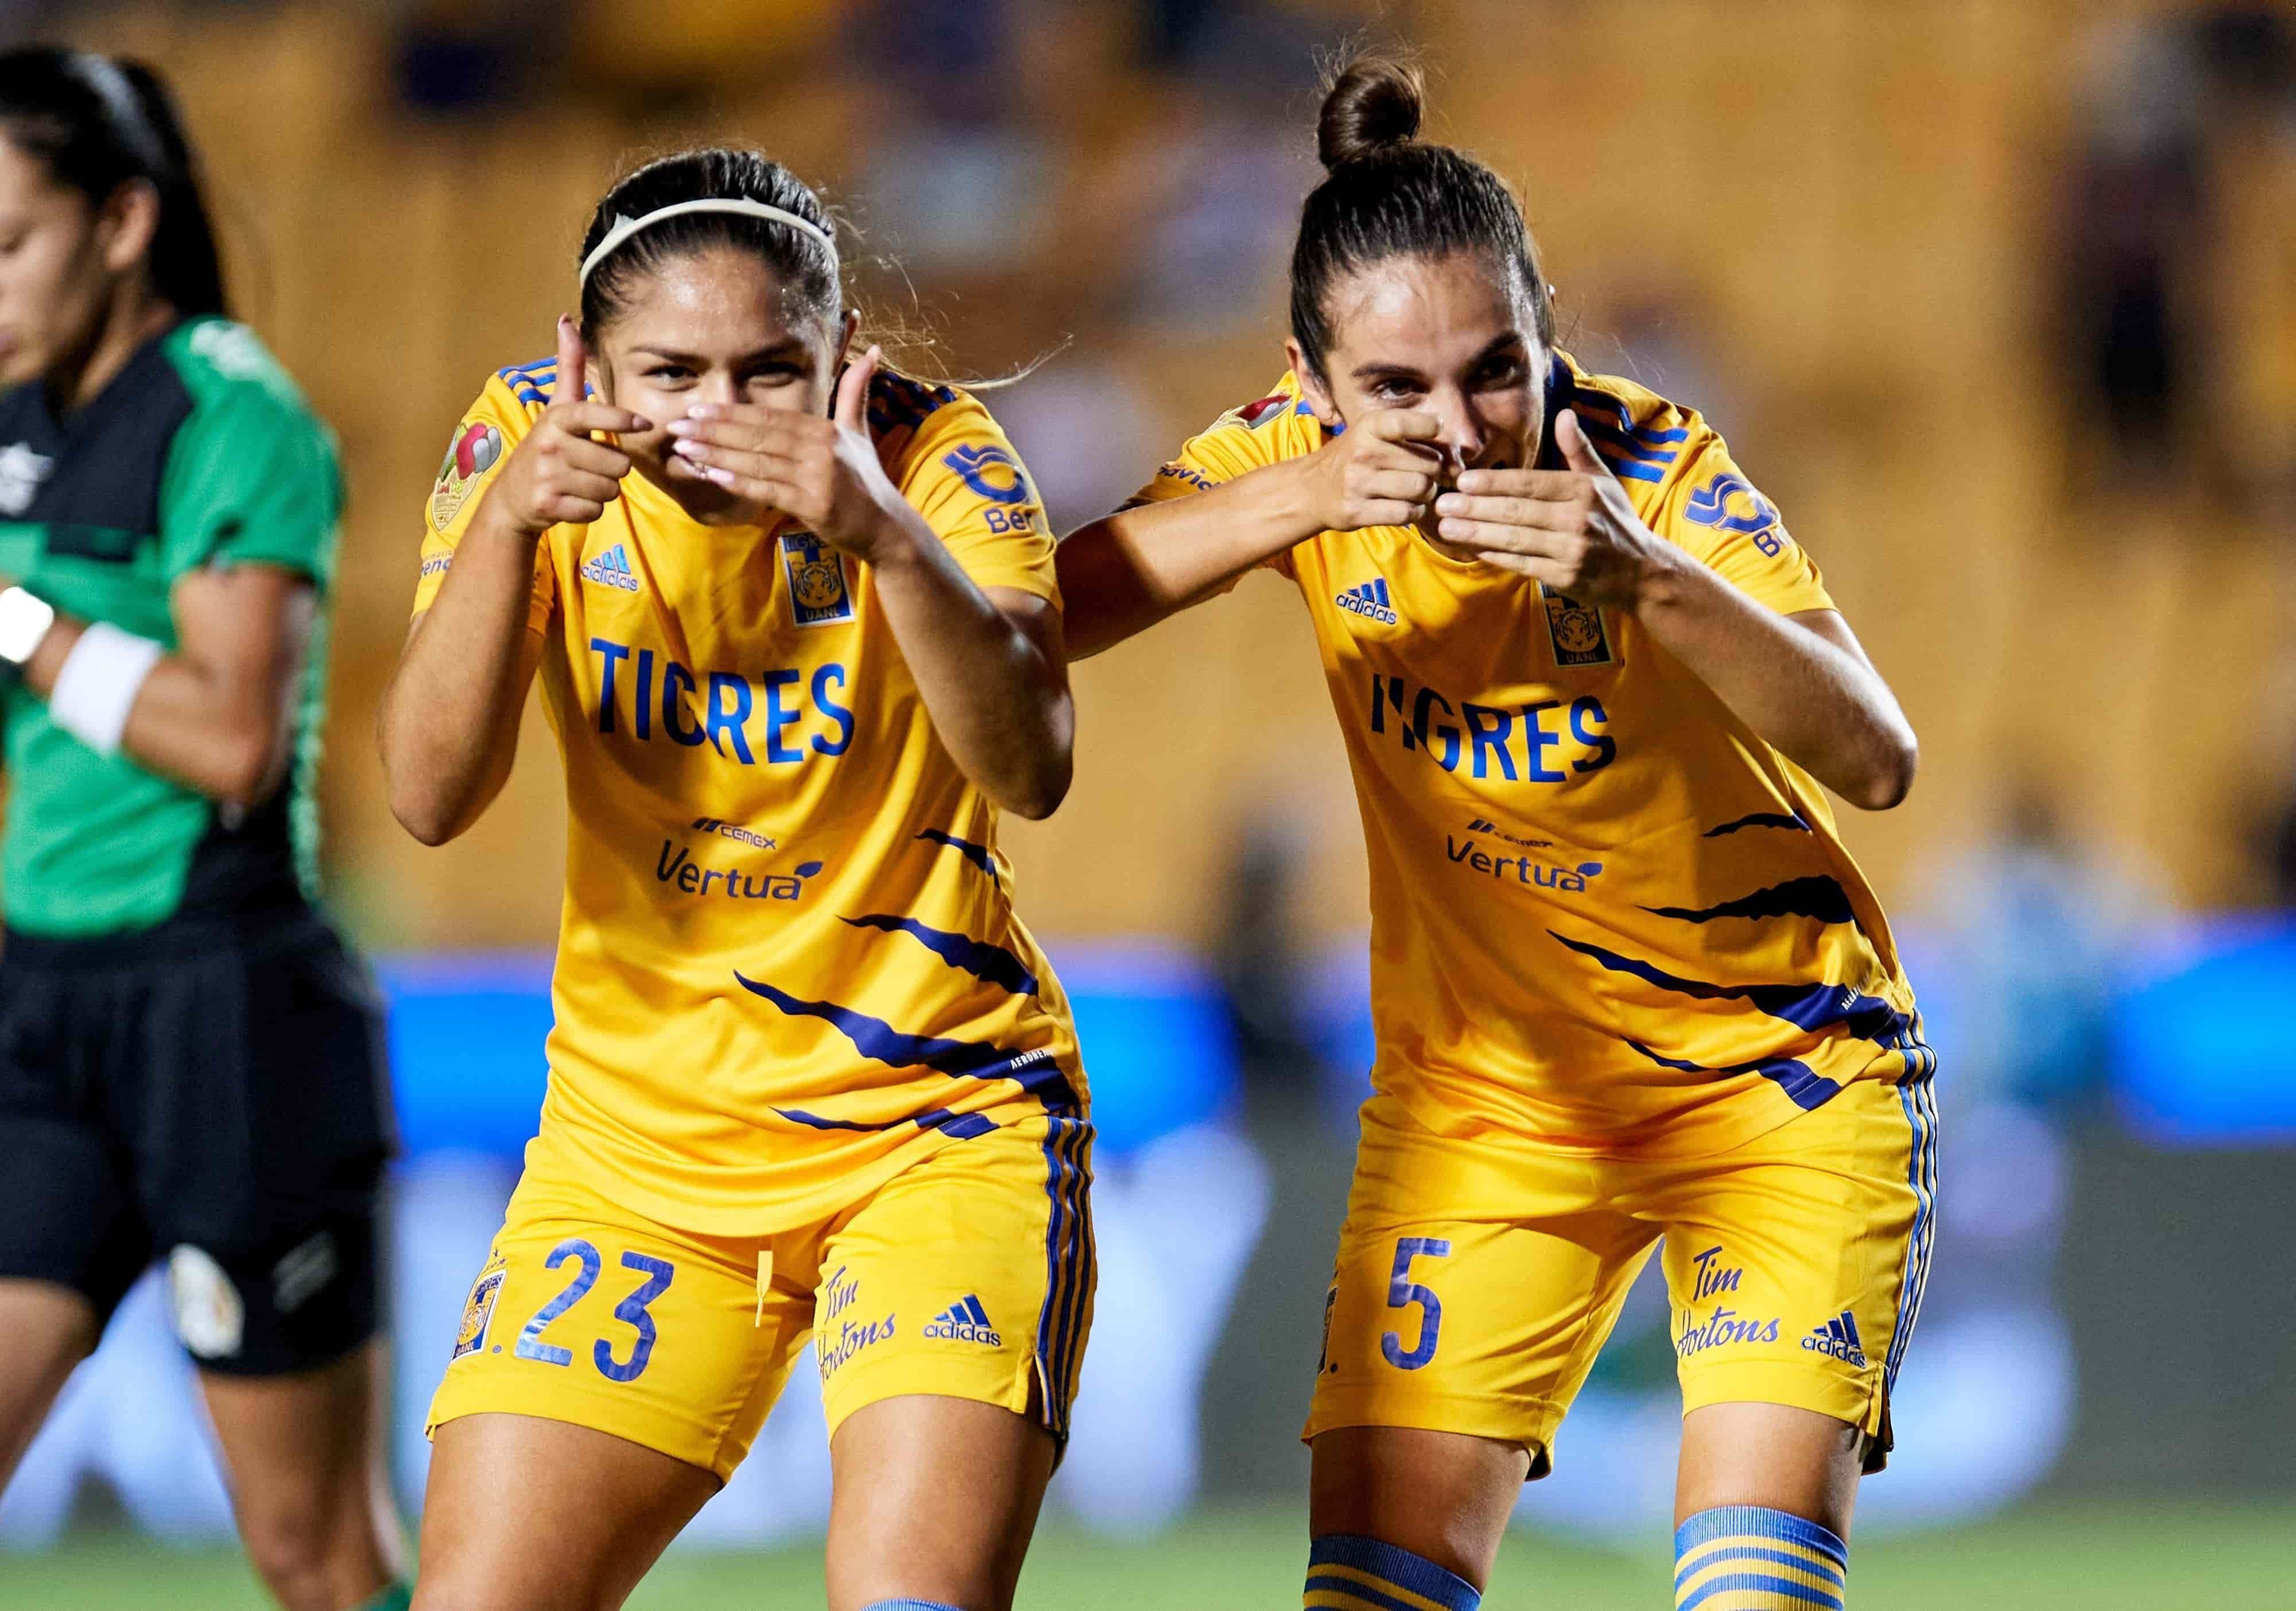 Tigres 4-0 Toluca